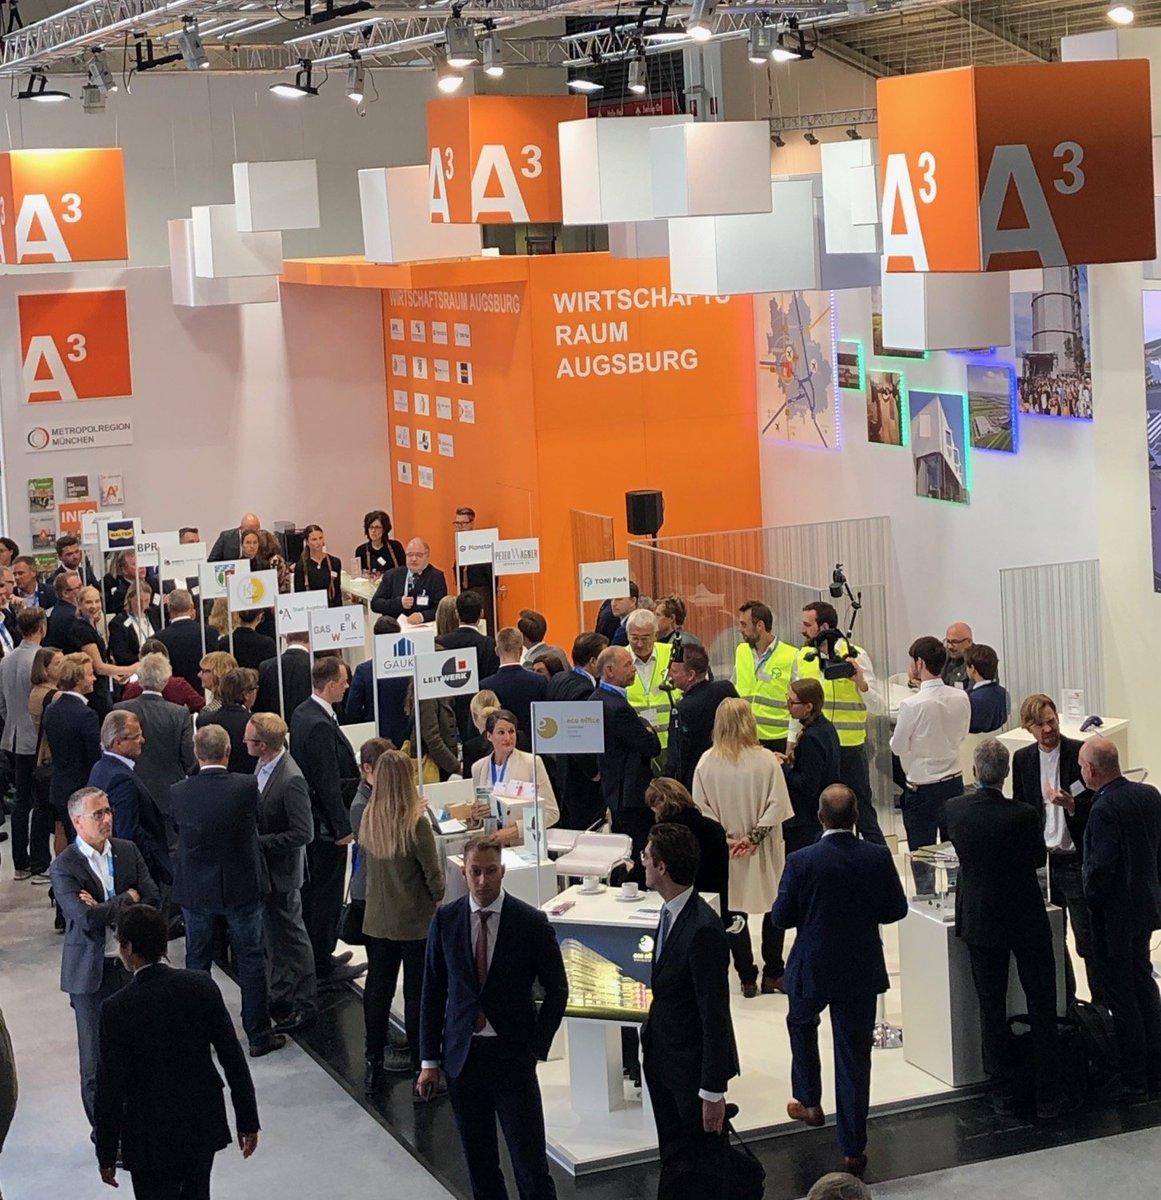 test Twitter Media - Unser Gemeinschaftsstand auf der @exporeal_team ist eröffnet! Lernen Sie den Wirtschaftsraum Augsburg in Halle A1 Stand 412 kennen 🤗 https://t.co/Wd6ErOn5jn